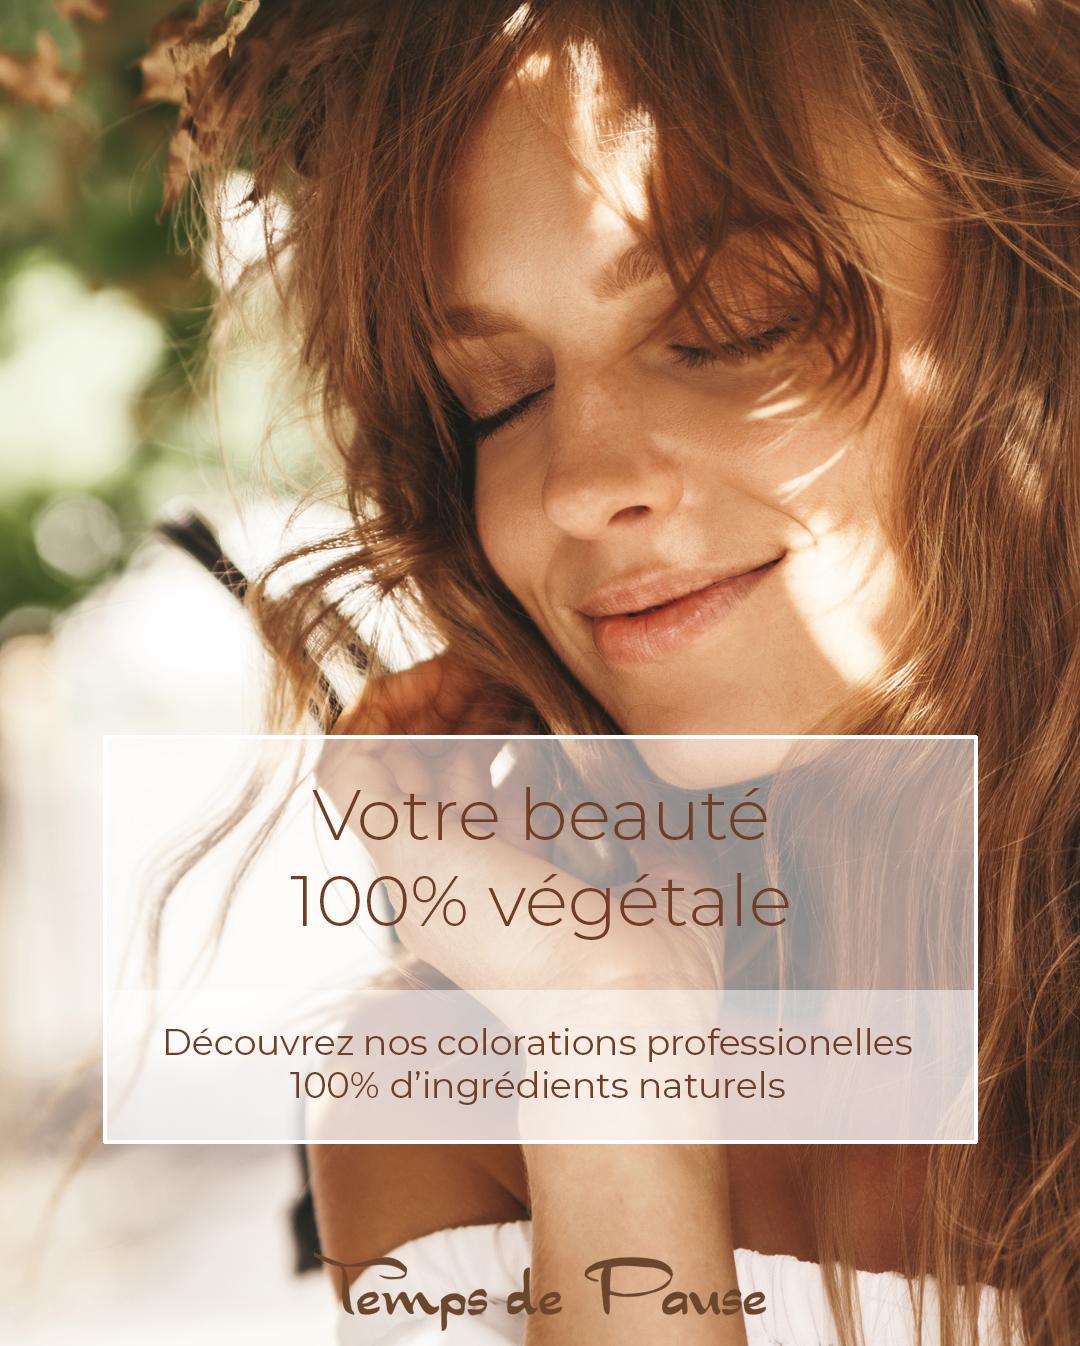 Temps-de-Pause Votre salon de coiffure_coupe, couleur, couleur végétale, mariées, perruques